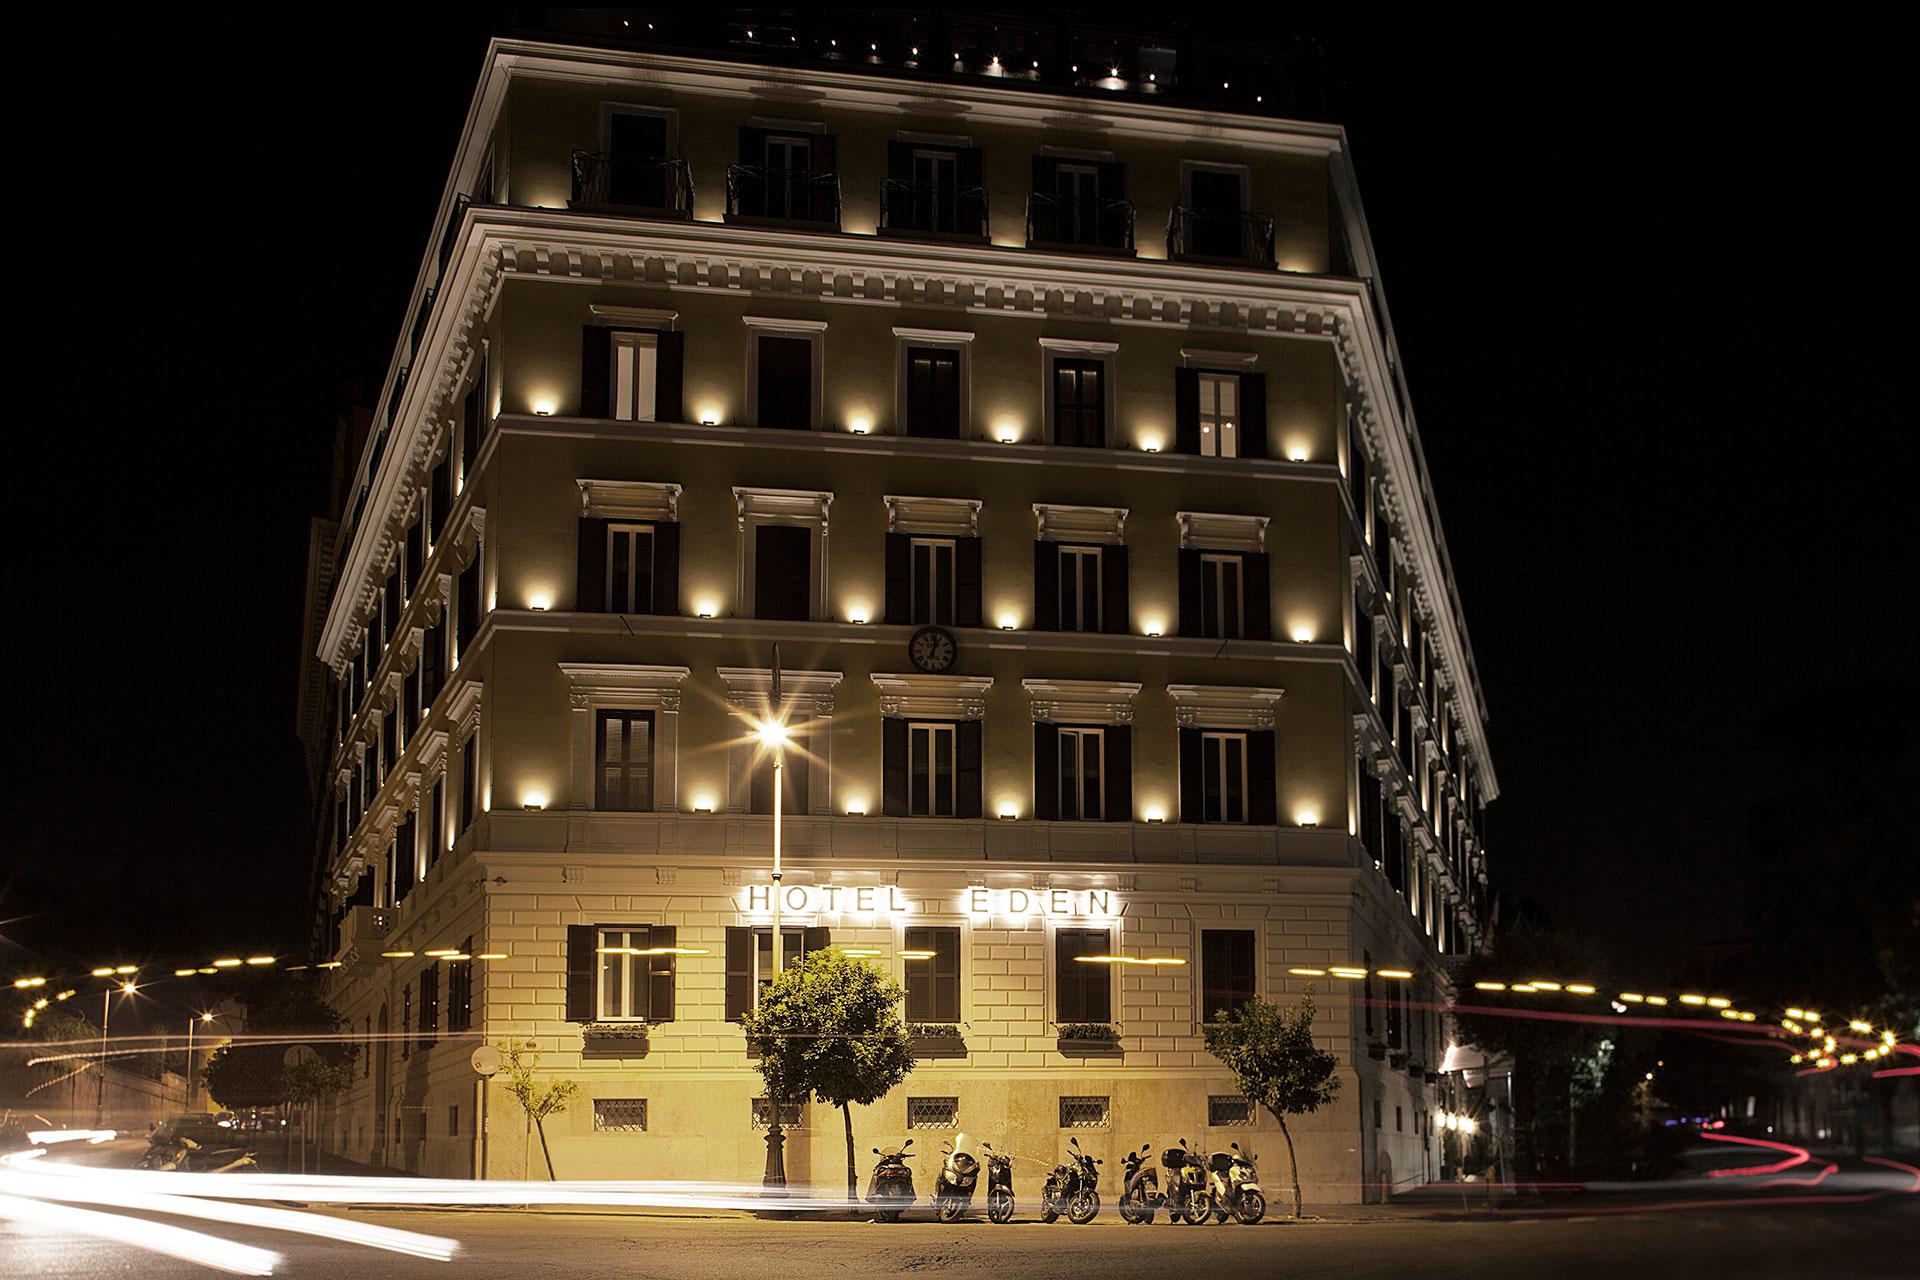 EDEN HOTEL 7